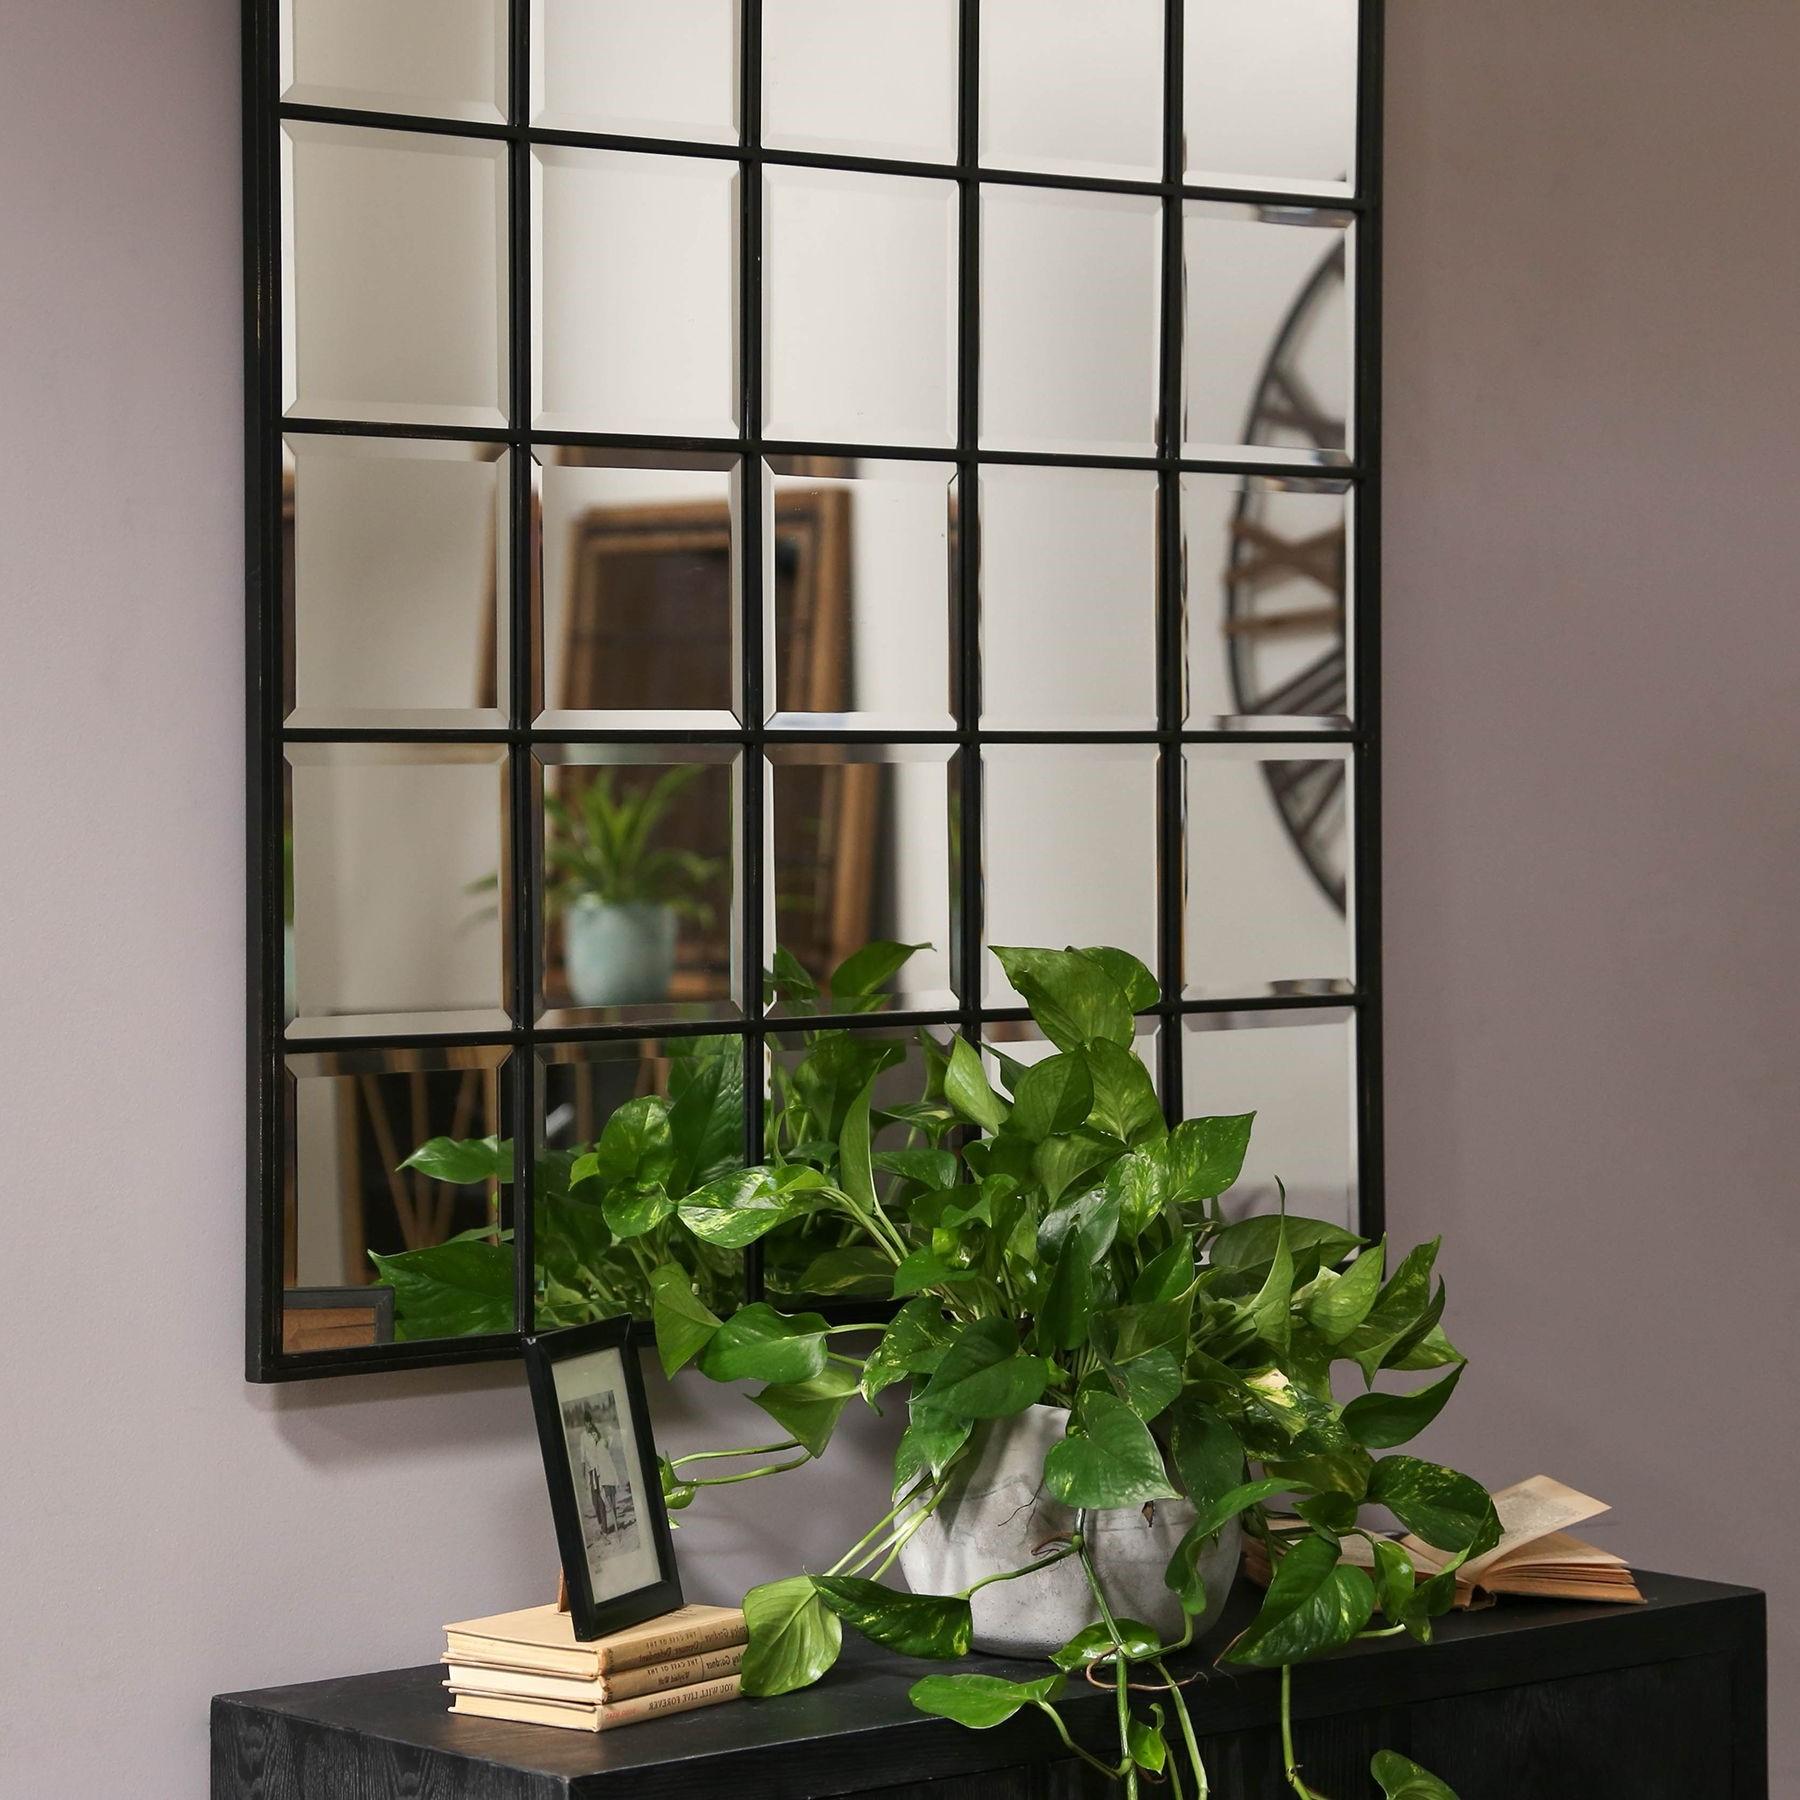 Miroir composé de petits carrés.